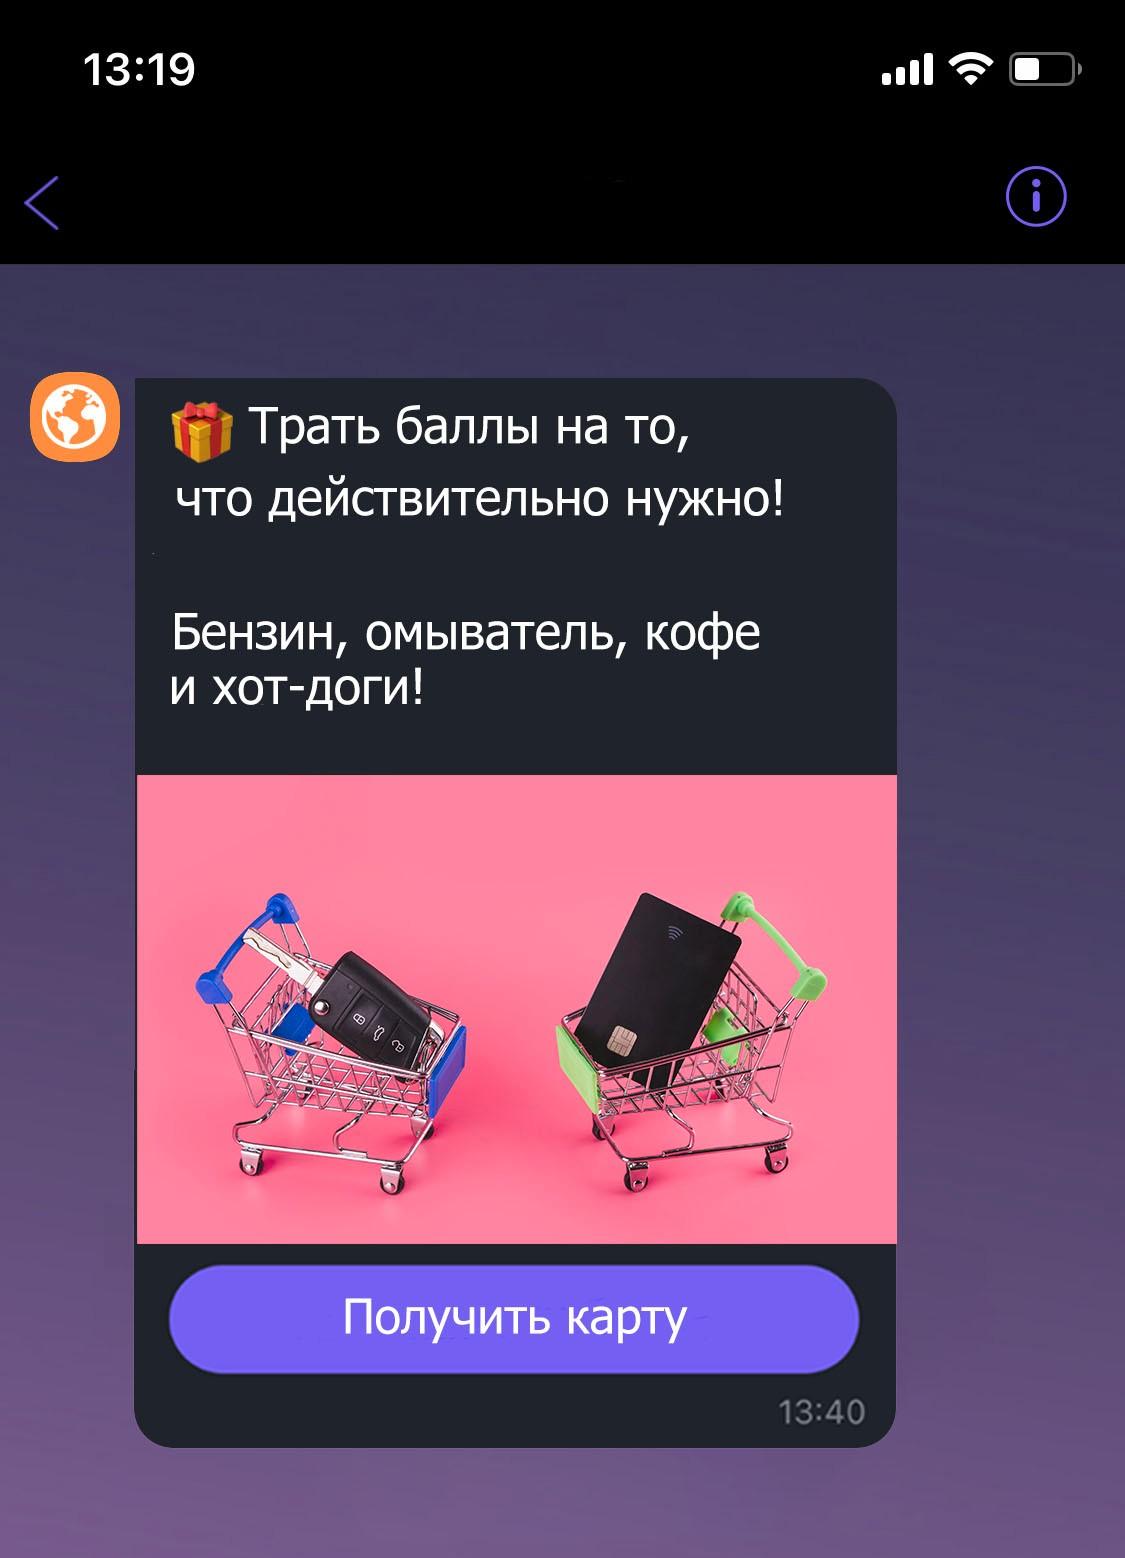 Приглашение в программу лояльности в Viber-сообщении